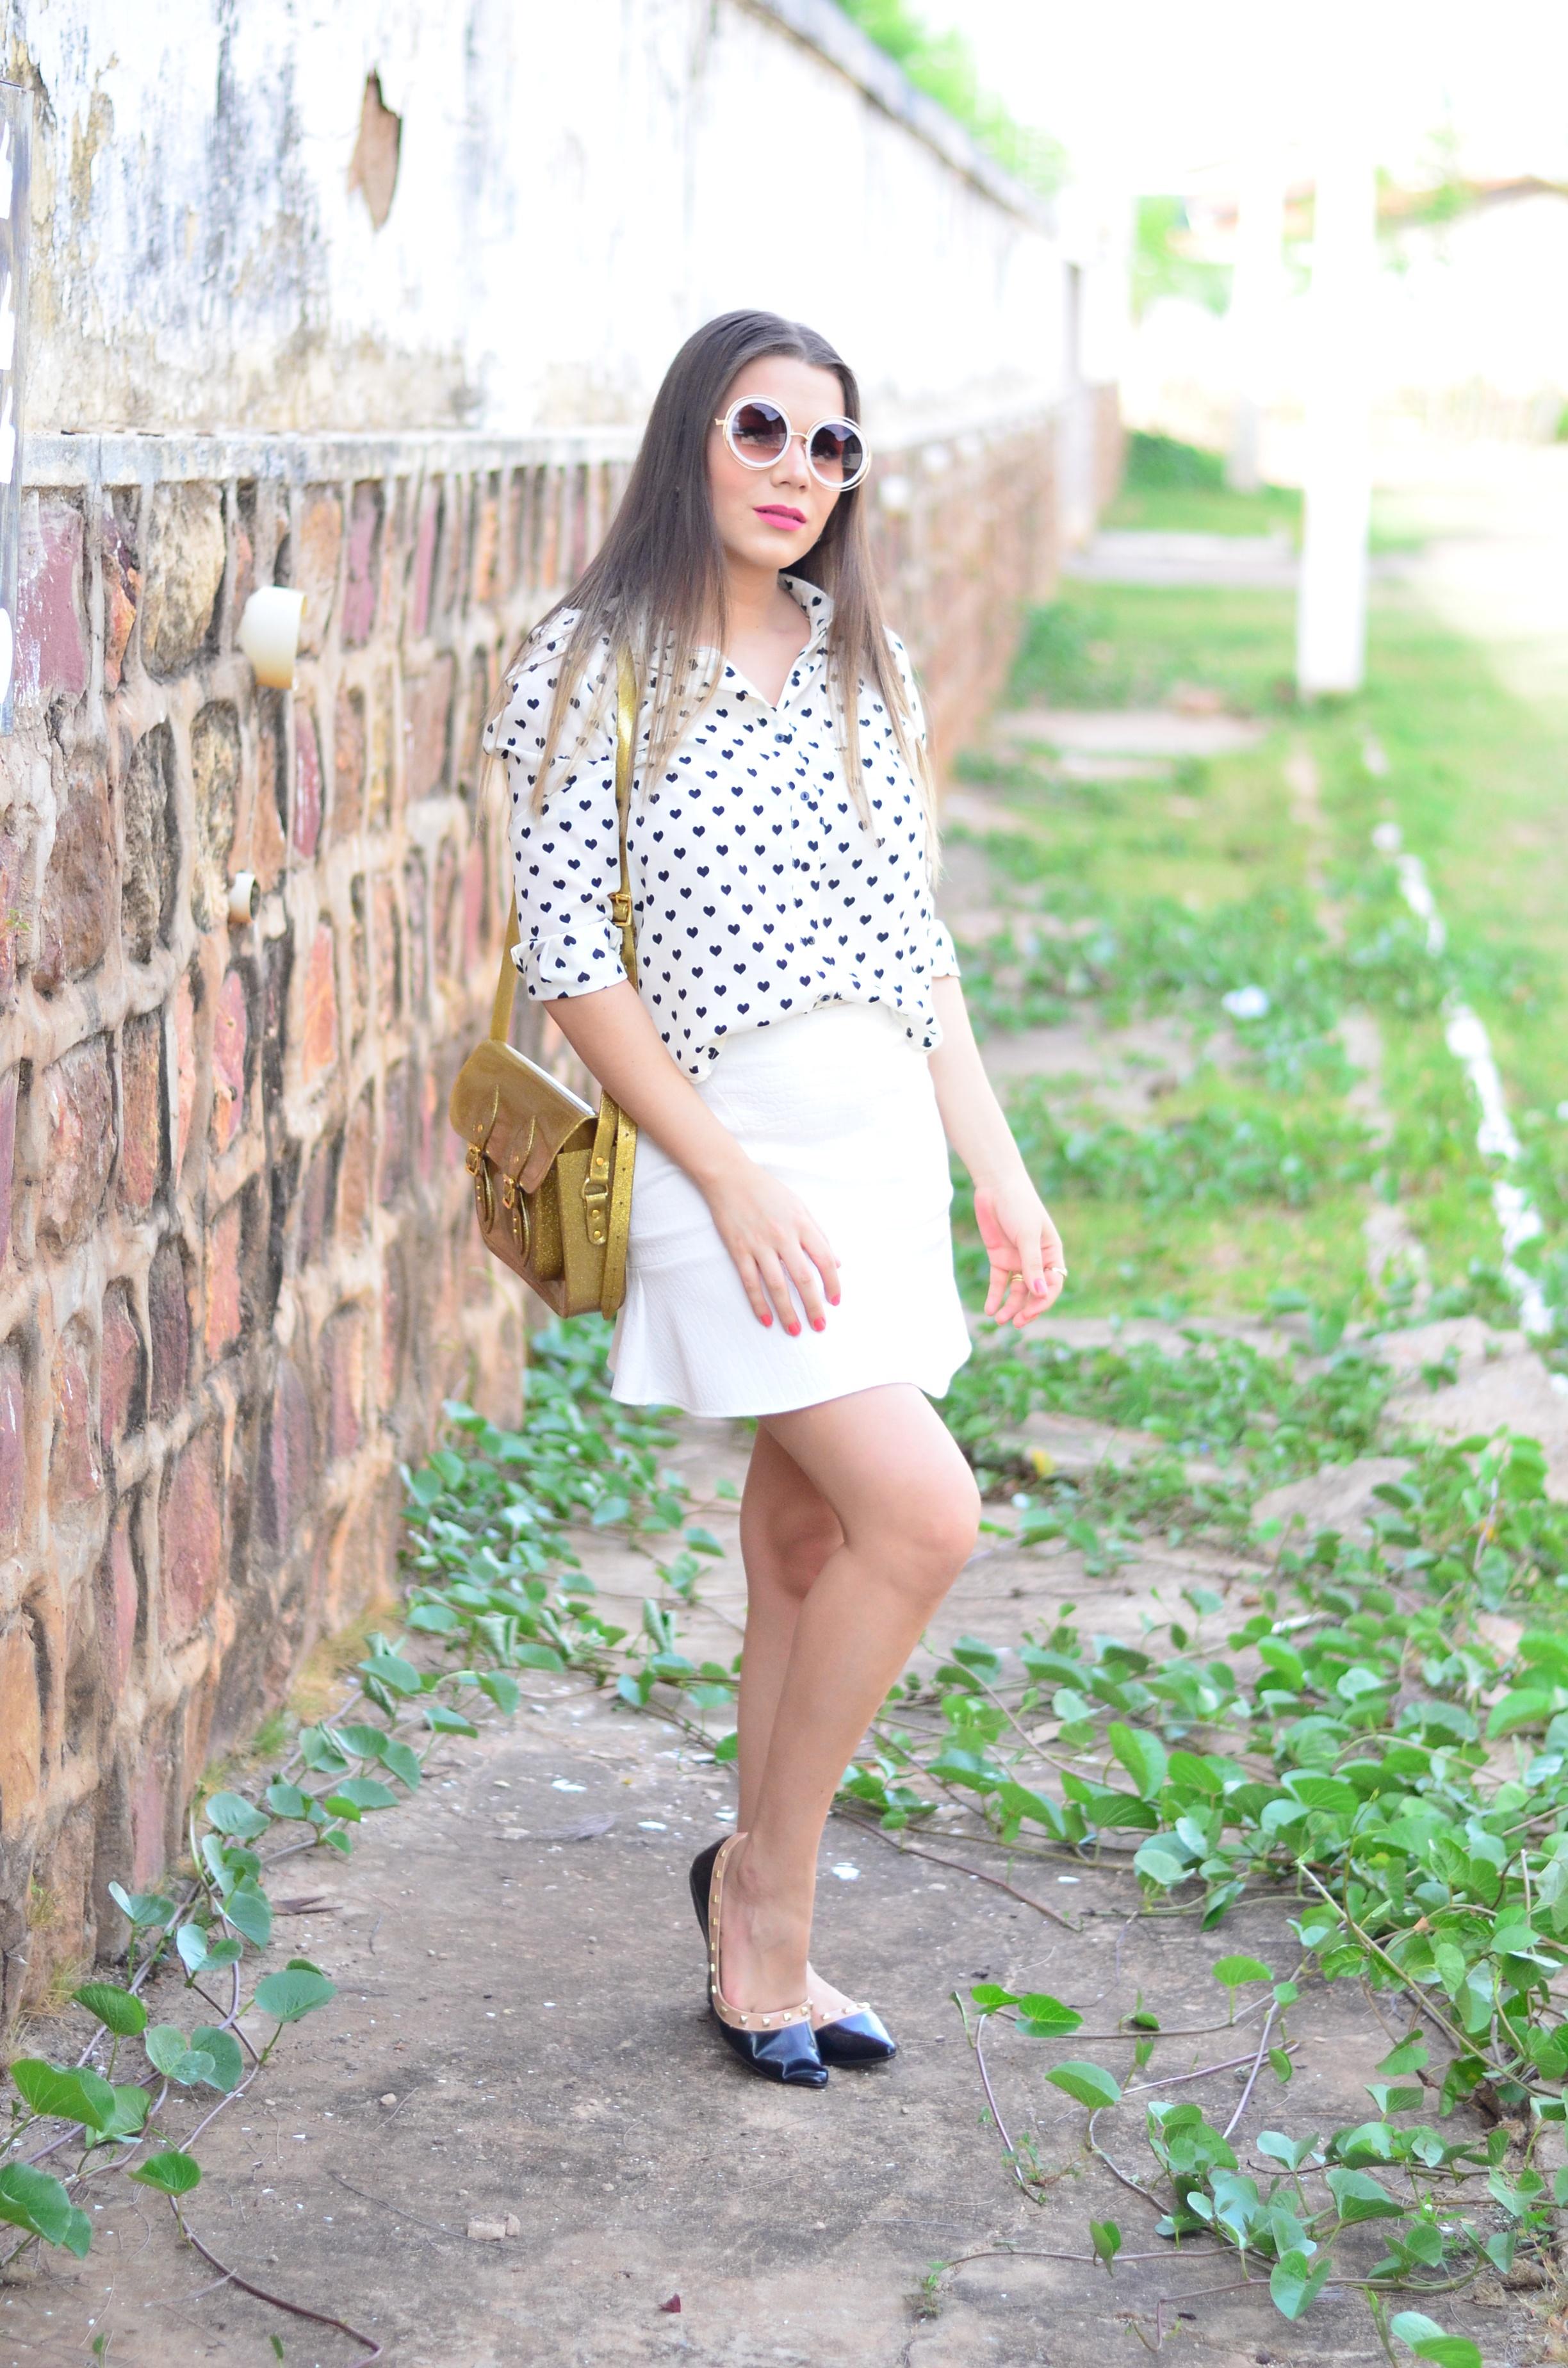 look-saia-e-camisa-branca-com-oculos-inspiracao-chloe-14